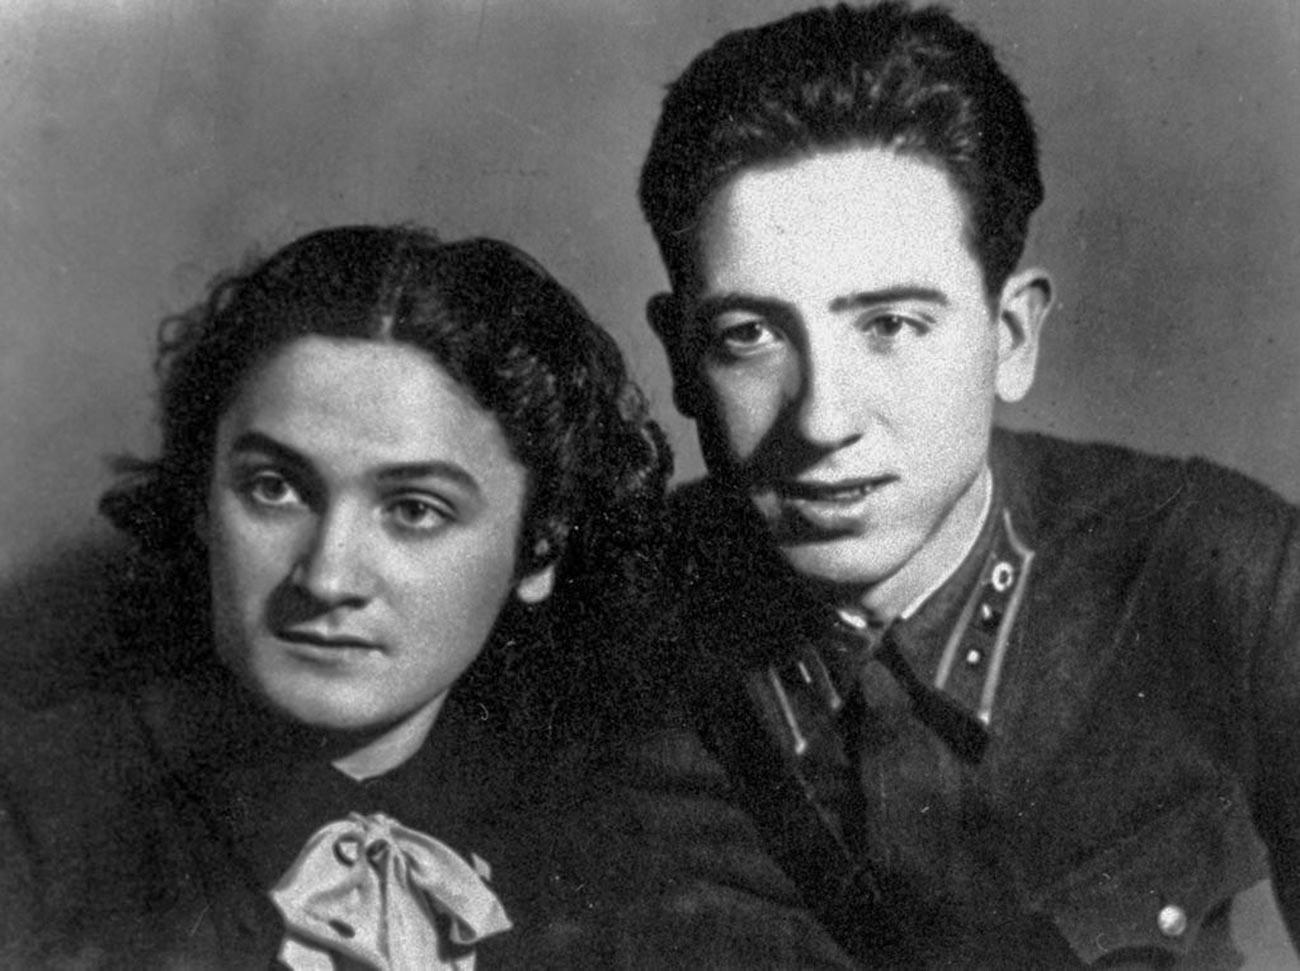 ルベン・イバルリとその妹アマヤ